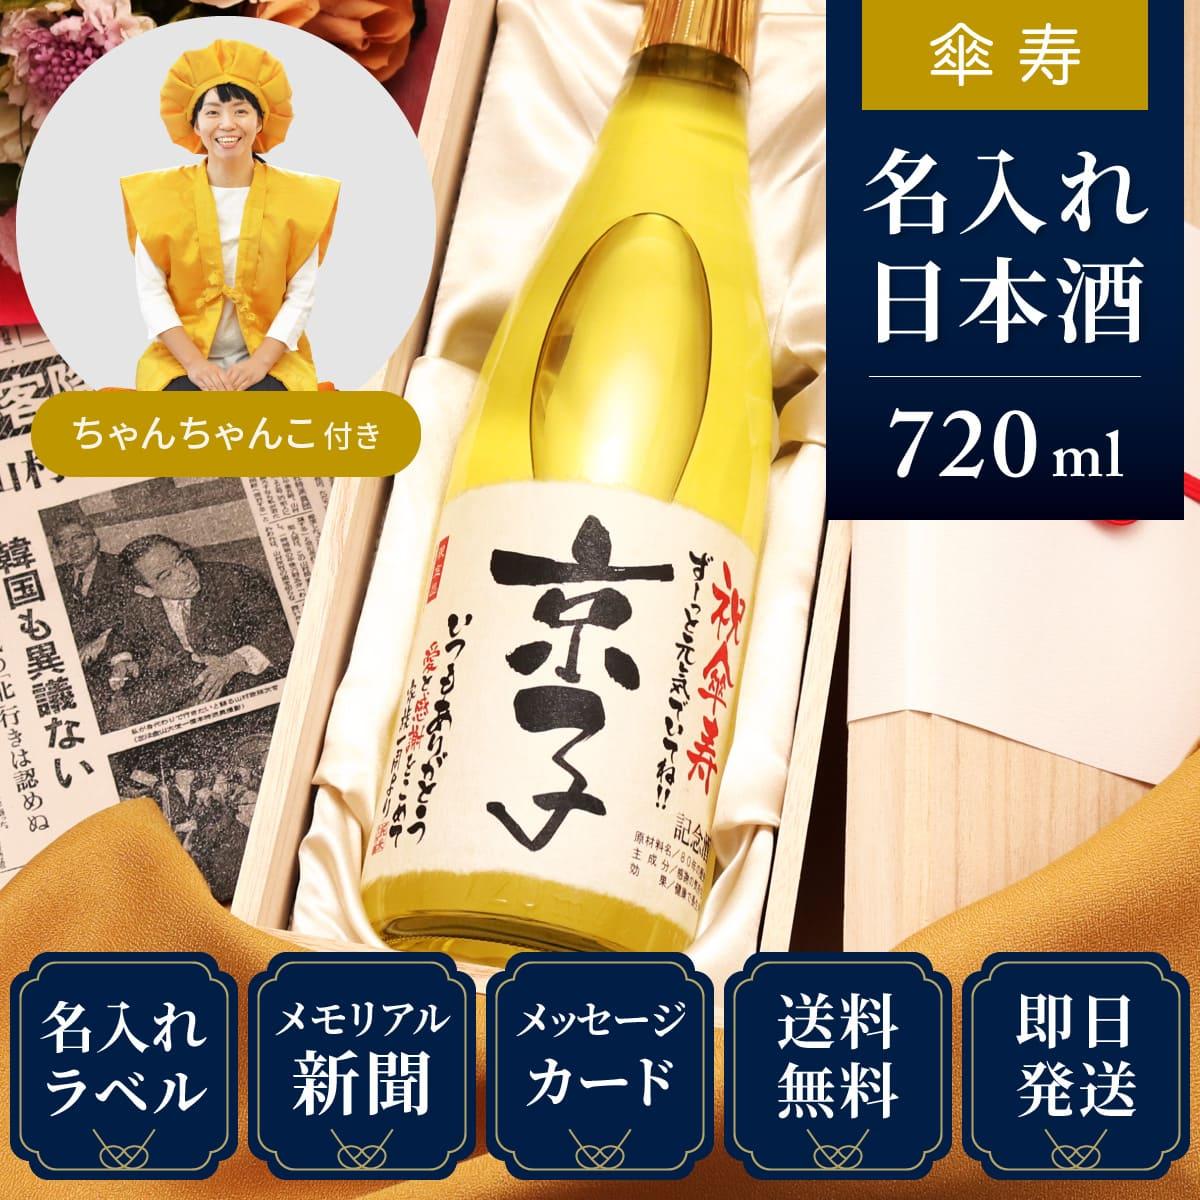 ちゃんちゃんこセット 傘寿のプレゼント「巴月」母親向けギフト(日本酒)